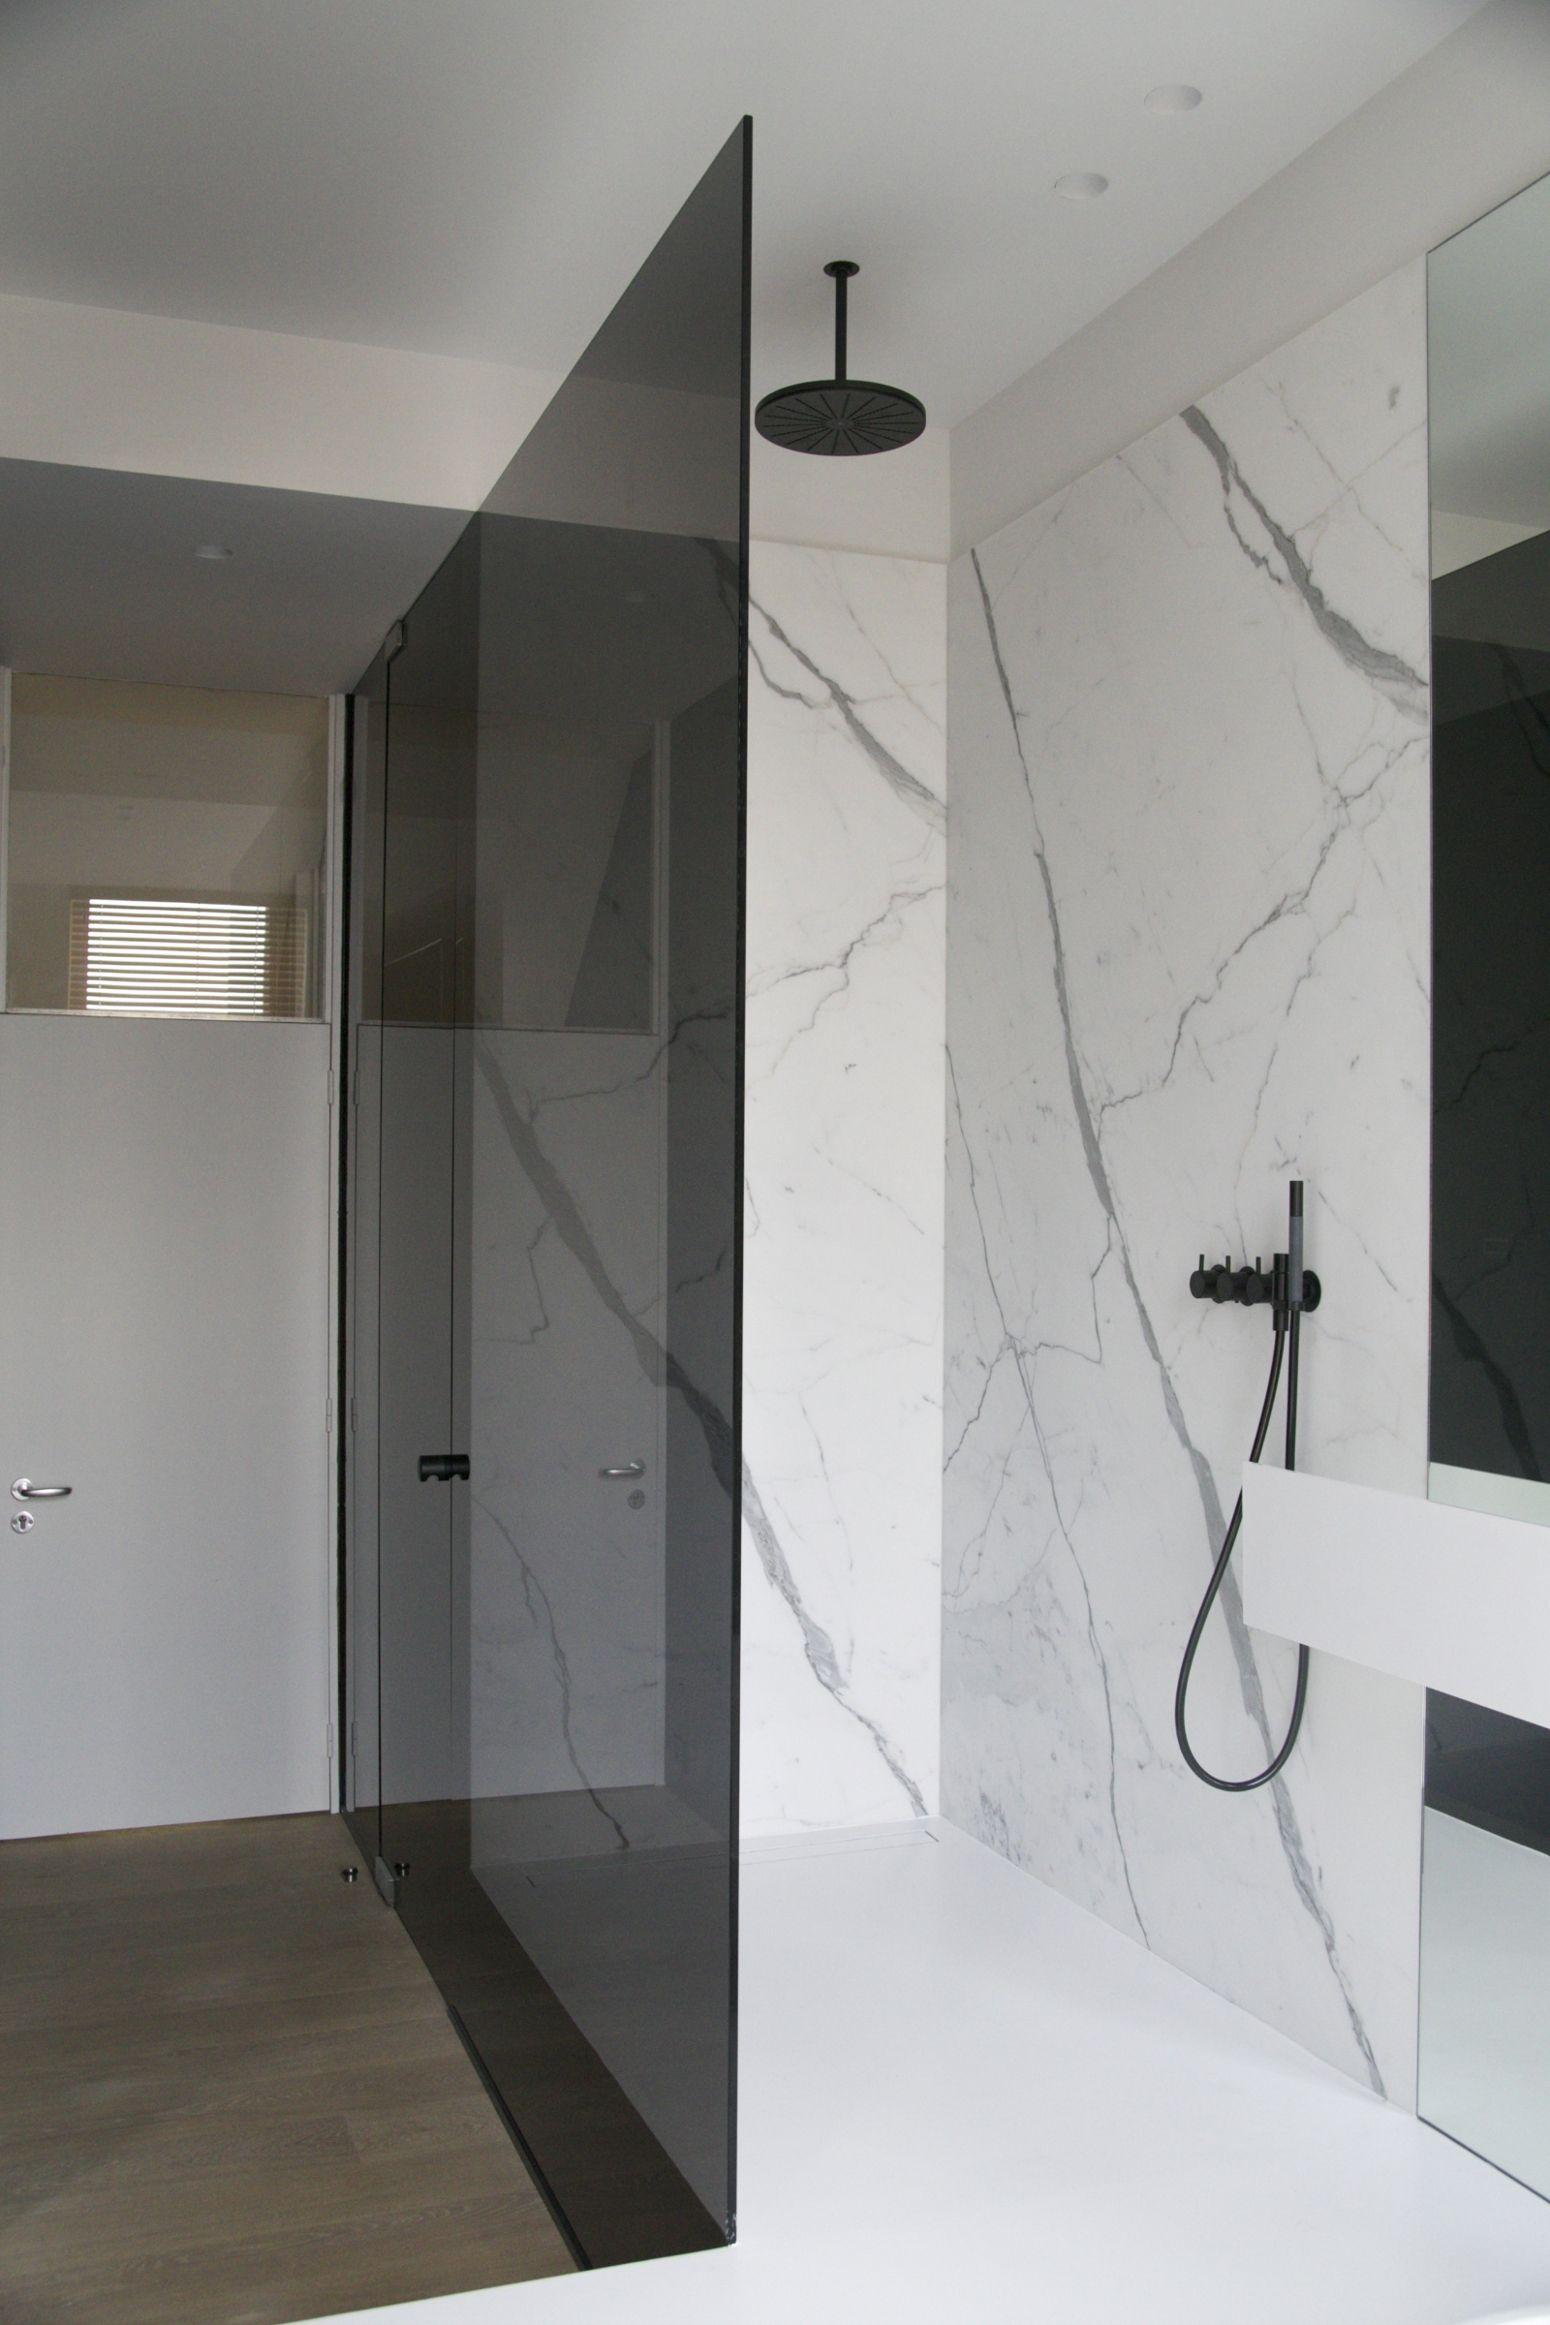 Shower Calacatta Marble Black Vola Shower Head Tap White